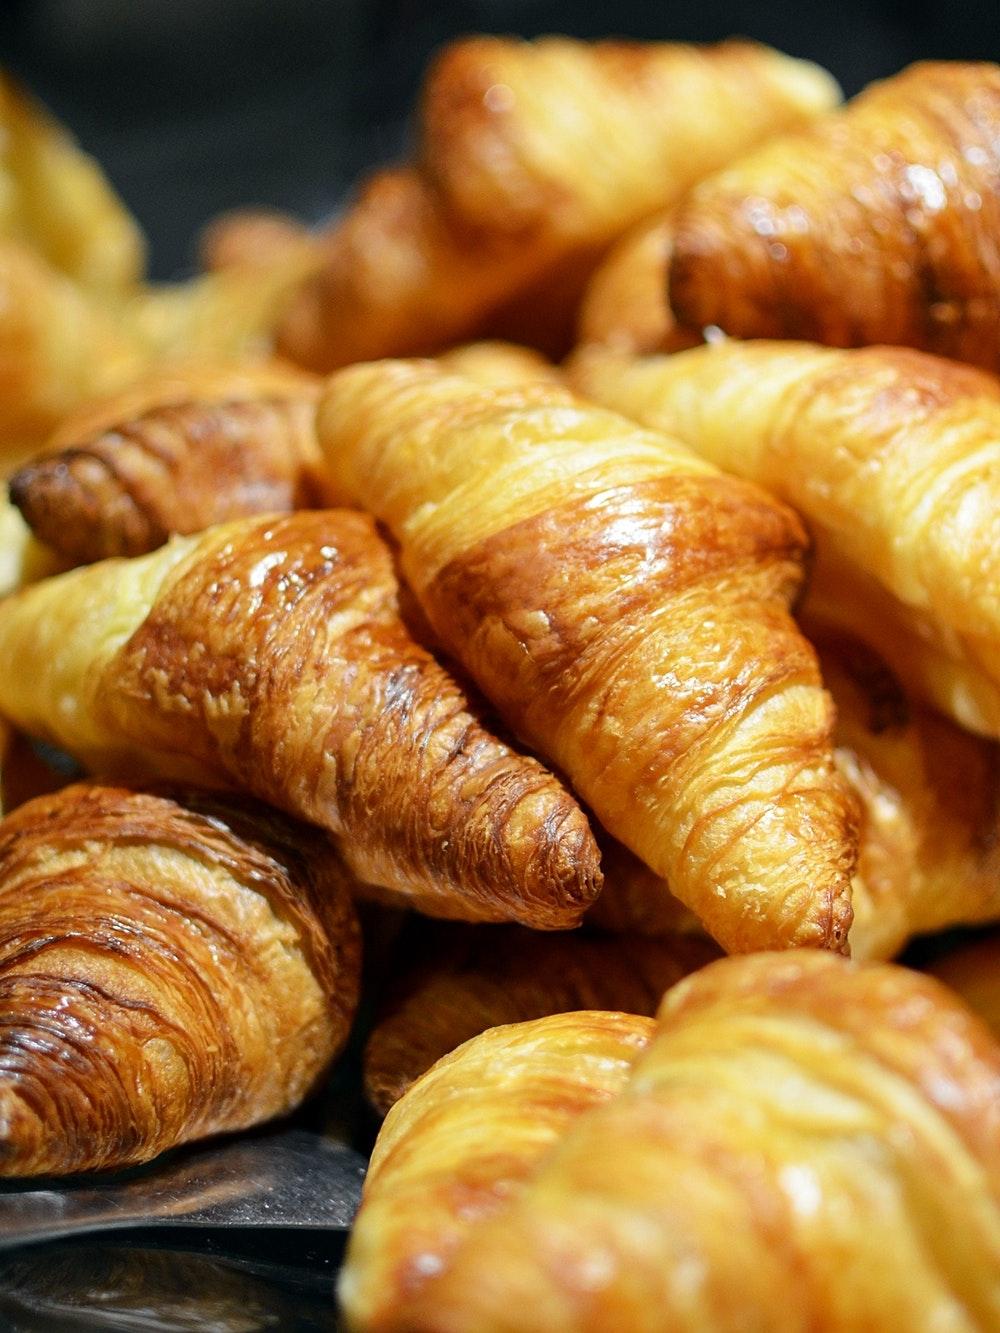 Día Internacional del Croissant: ¡celébralo haciéndolos tú mismo!